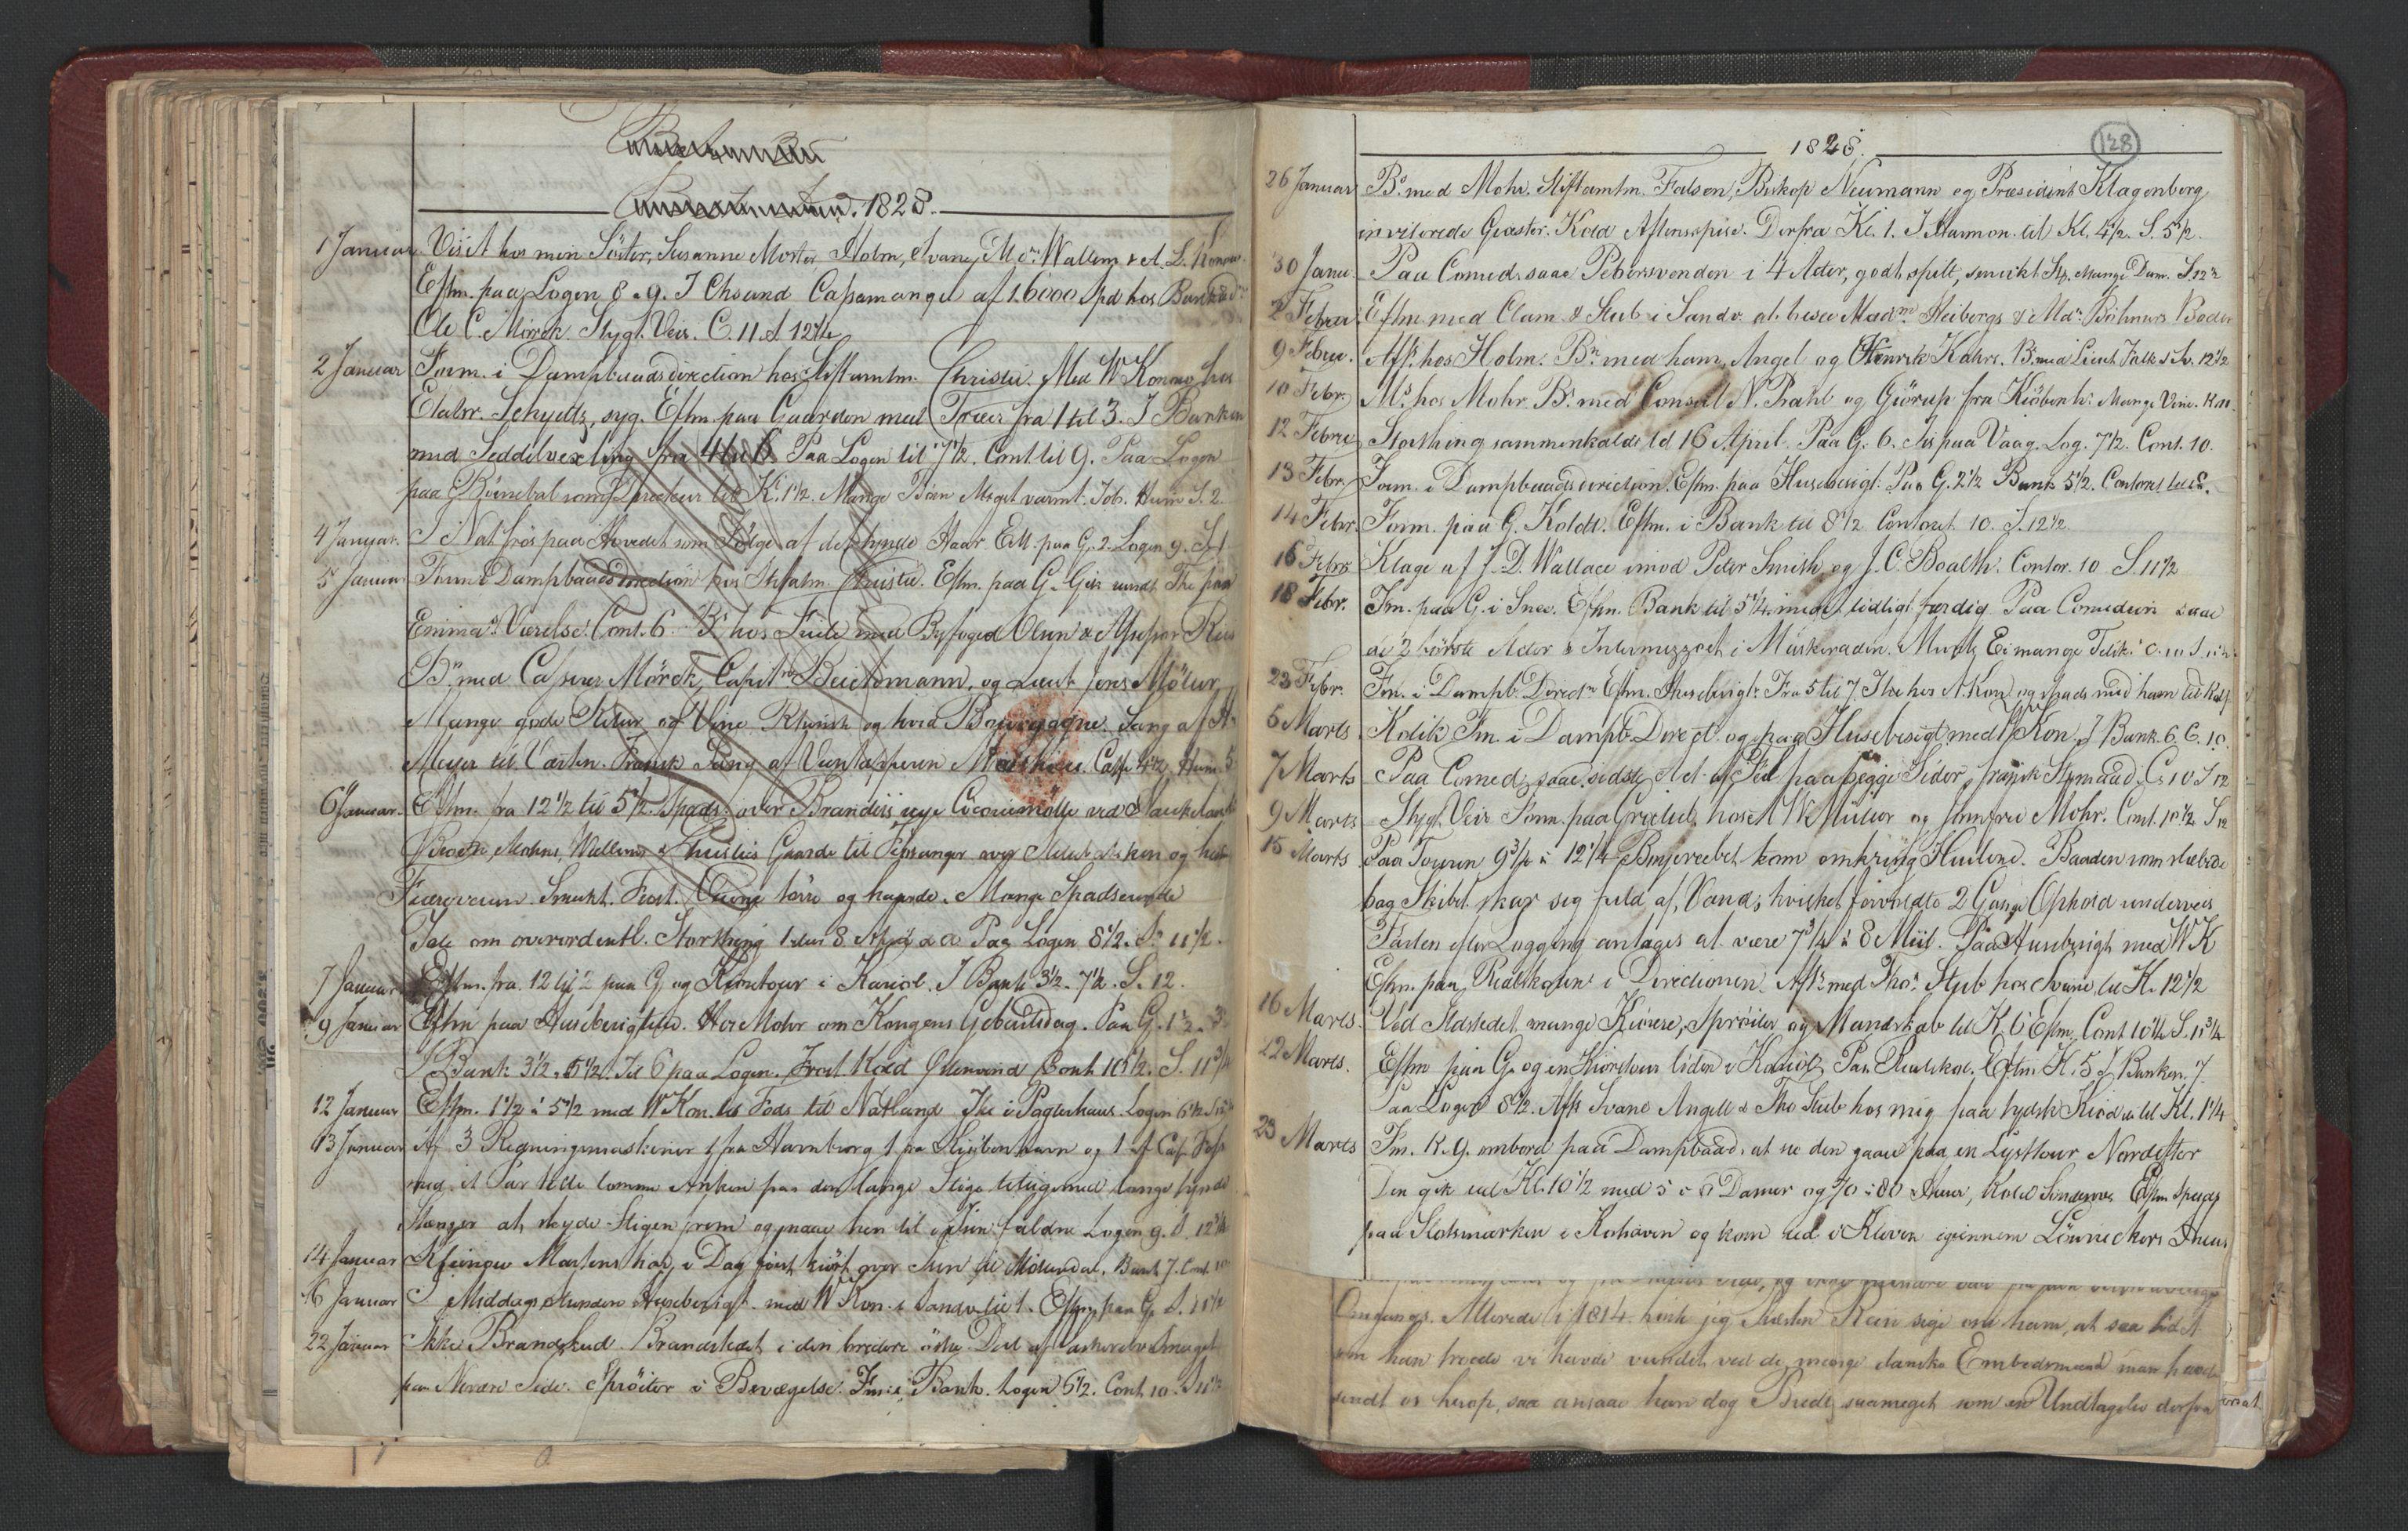 RA, Meltzer, Fredrik, F/L0003: Dagbok, 1821-1831, s. 127b-128a